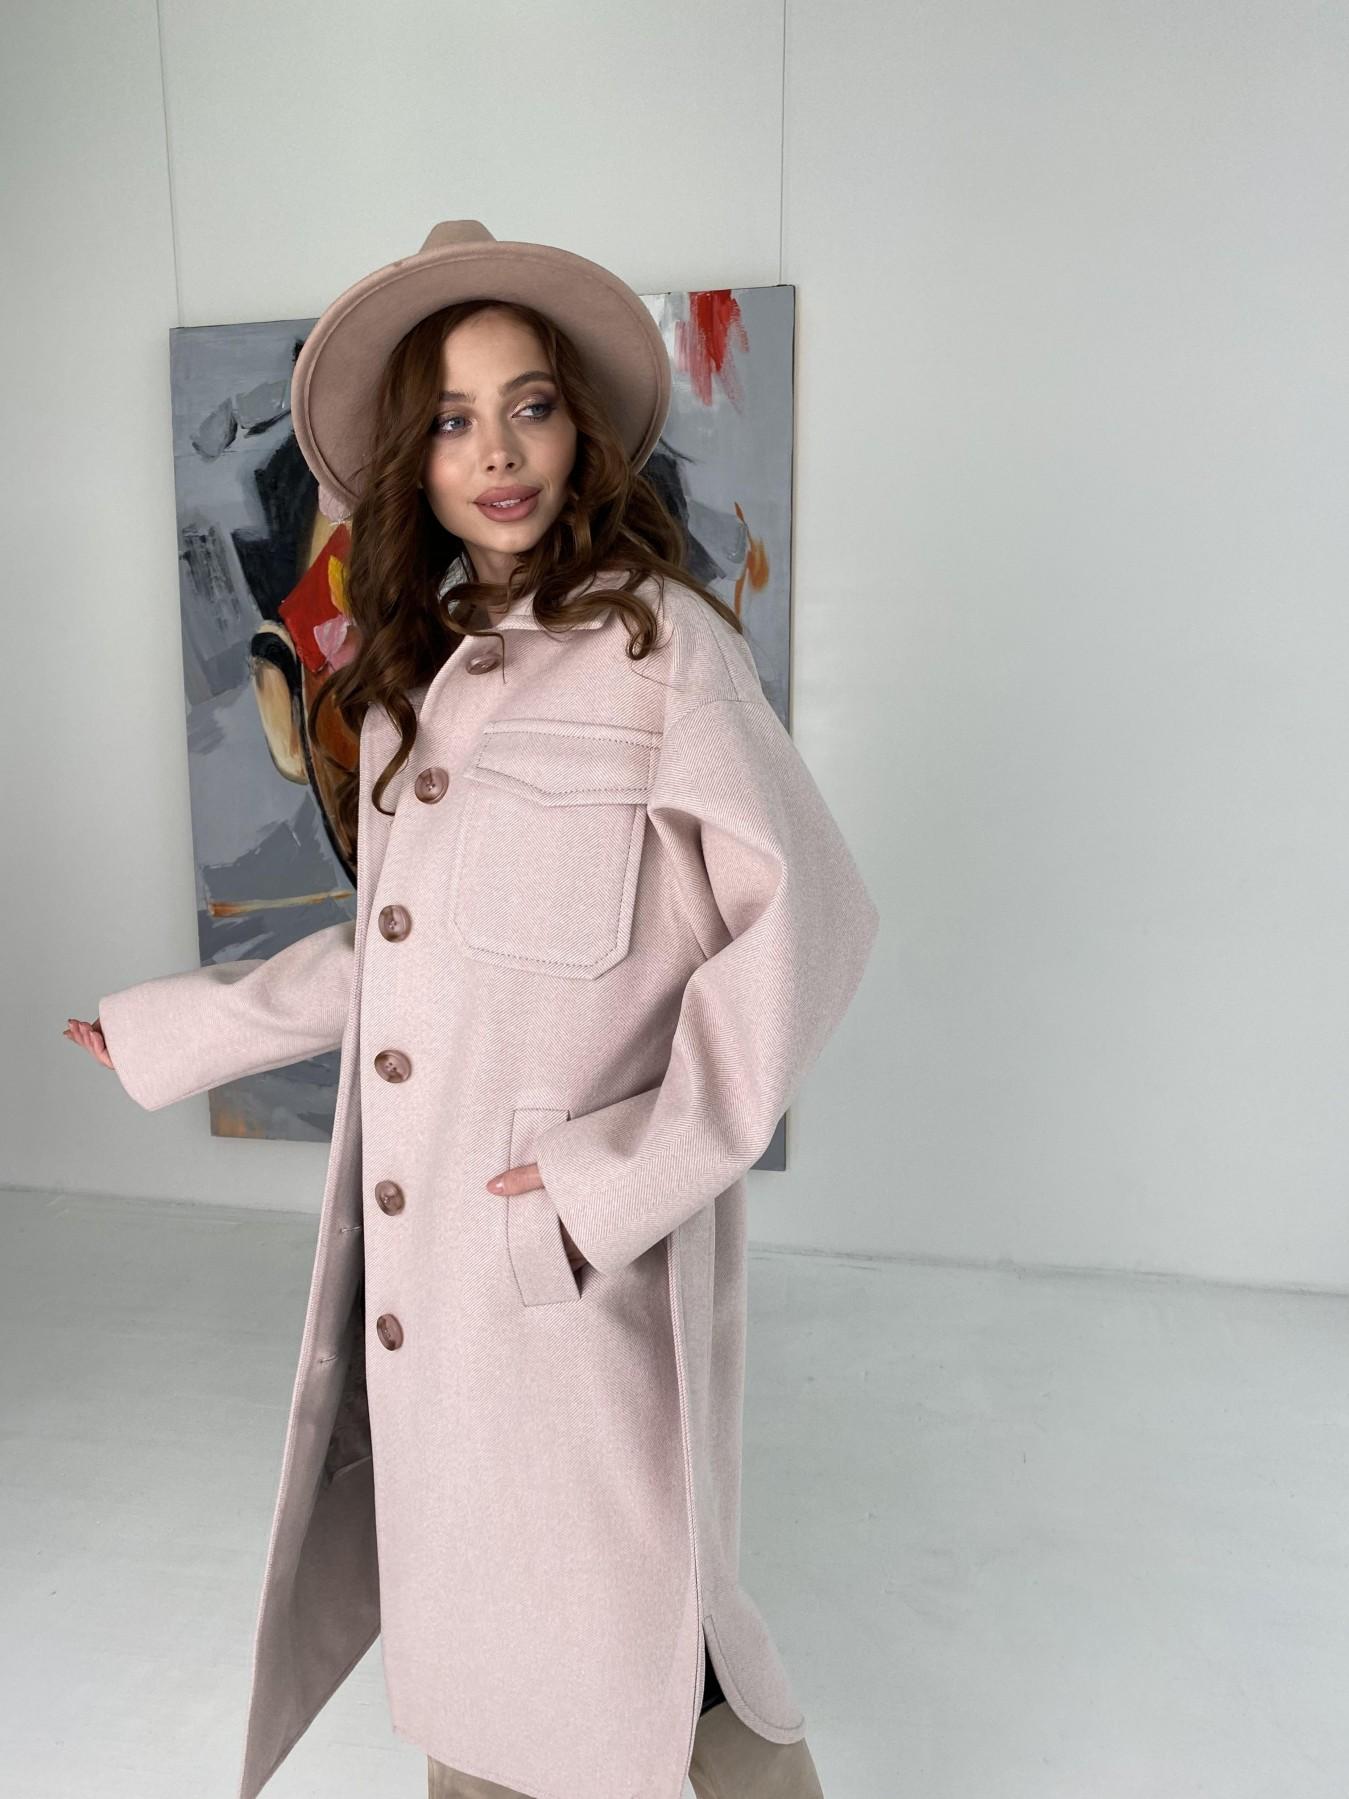 Ола  пальто в мелкую елочку из пальтовой ткани 10648 АРТ. 46989 Цвет: Пудра - фото 6, интернет магазин tm-modus.ru